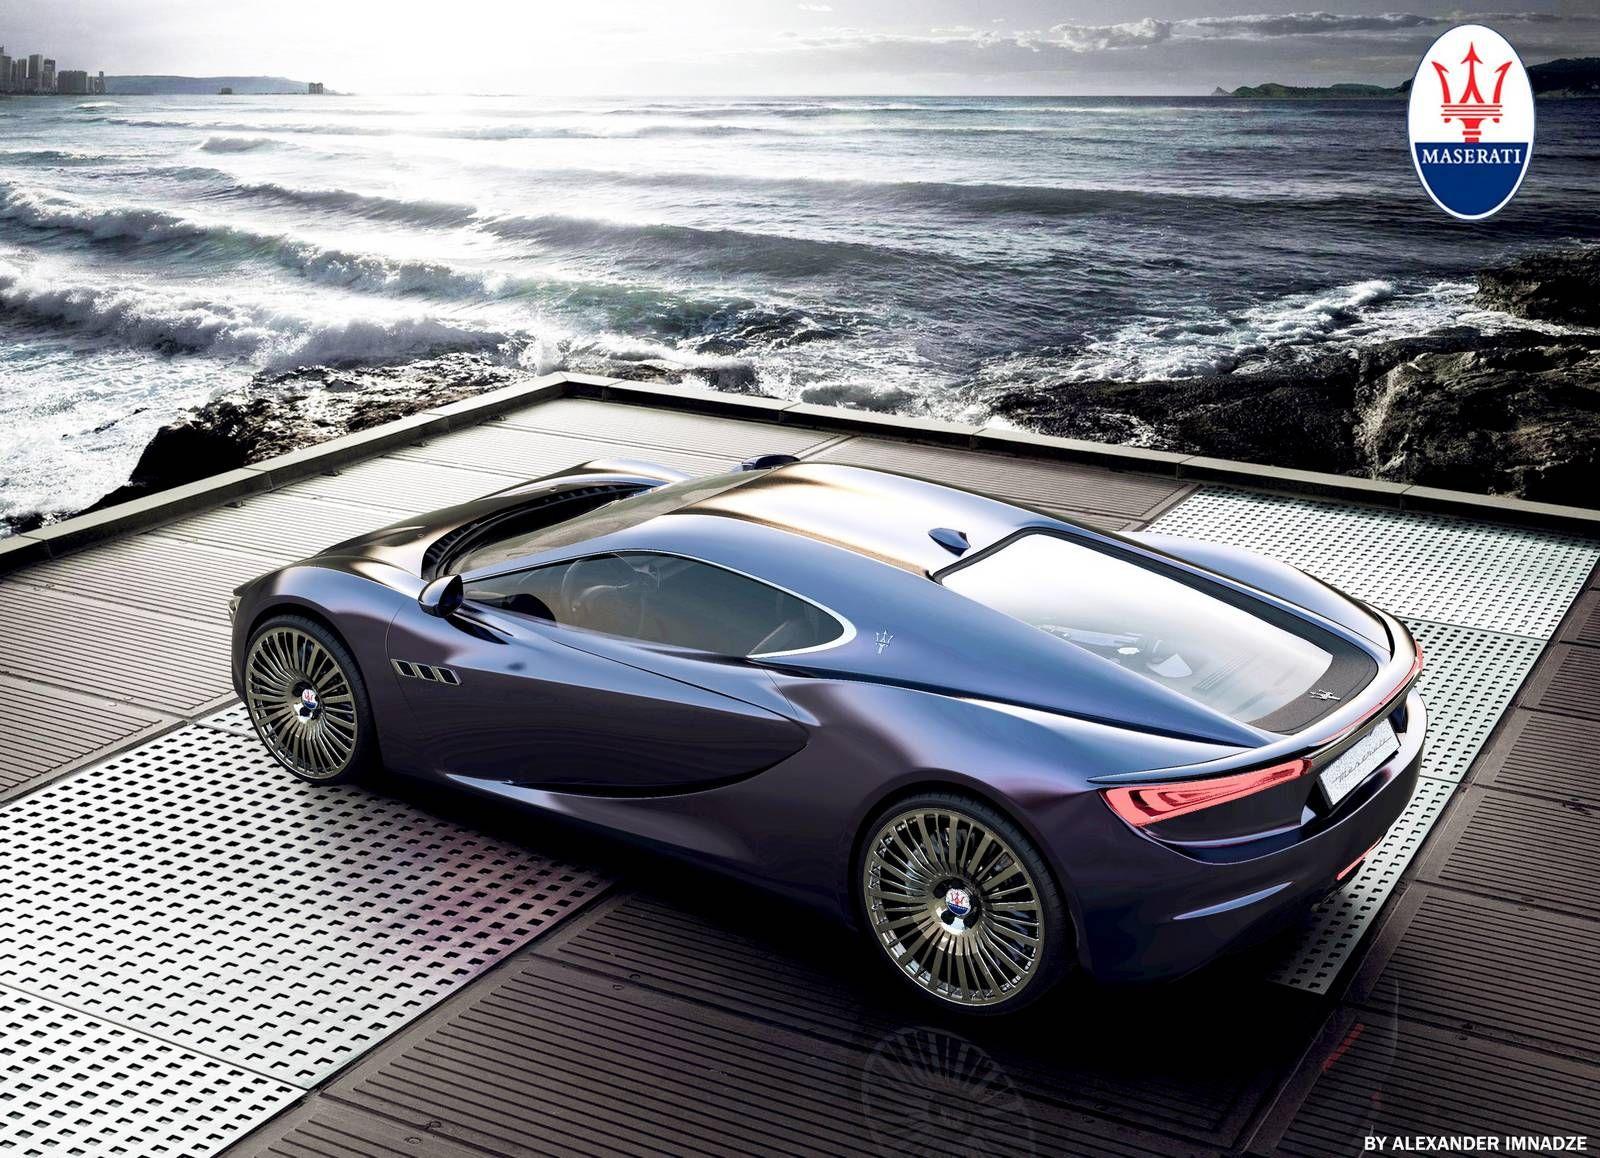 maserati-bora-concept-1 | The Concept Cars *** | Pinterest